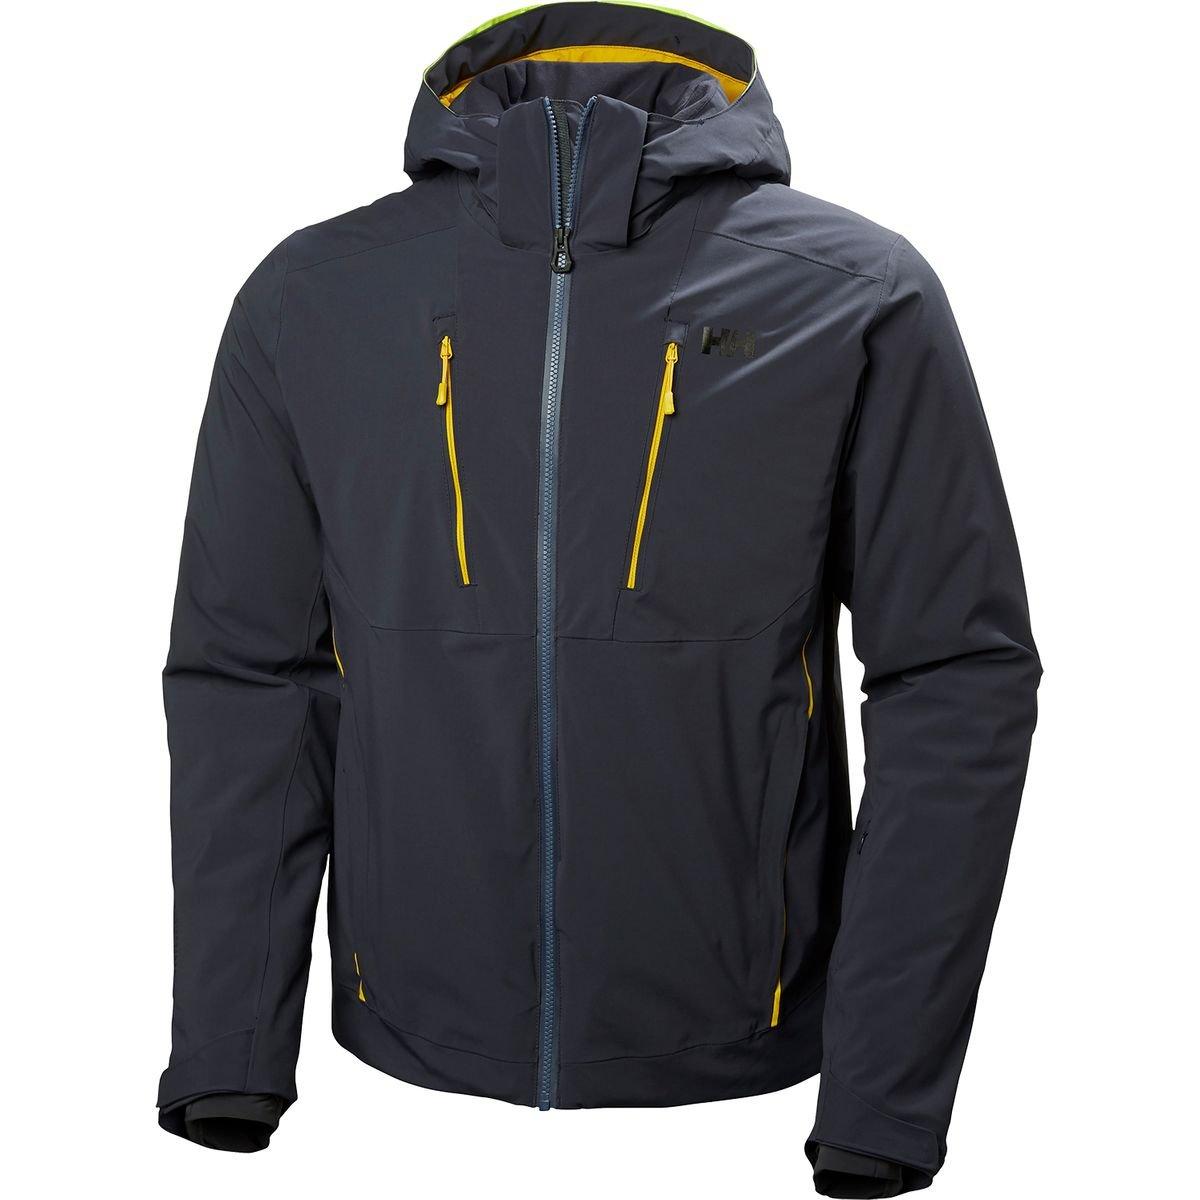 (ヘリーハンセン) Helly Hansen Alpha 3.0 Jacket メンズ ジャケットGraphite Blue(994) [並行輸入品] B077VHX455 日本サイズ M (US S) Graphite Blue(994) Graphite Blue(994) 日本サイズ M (US S)